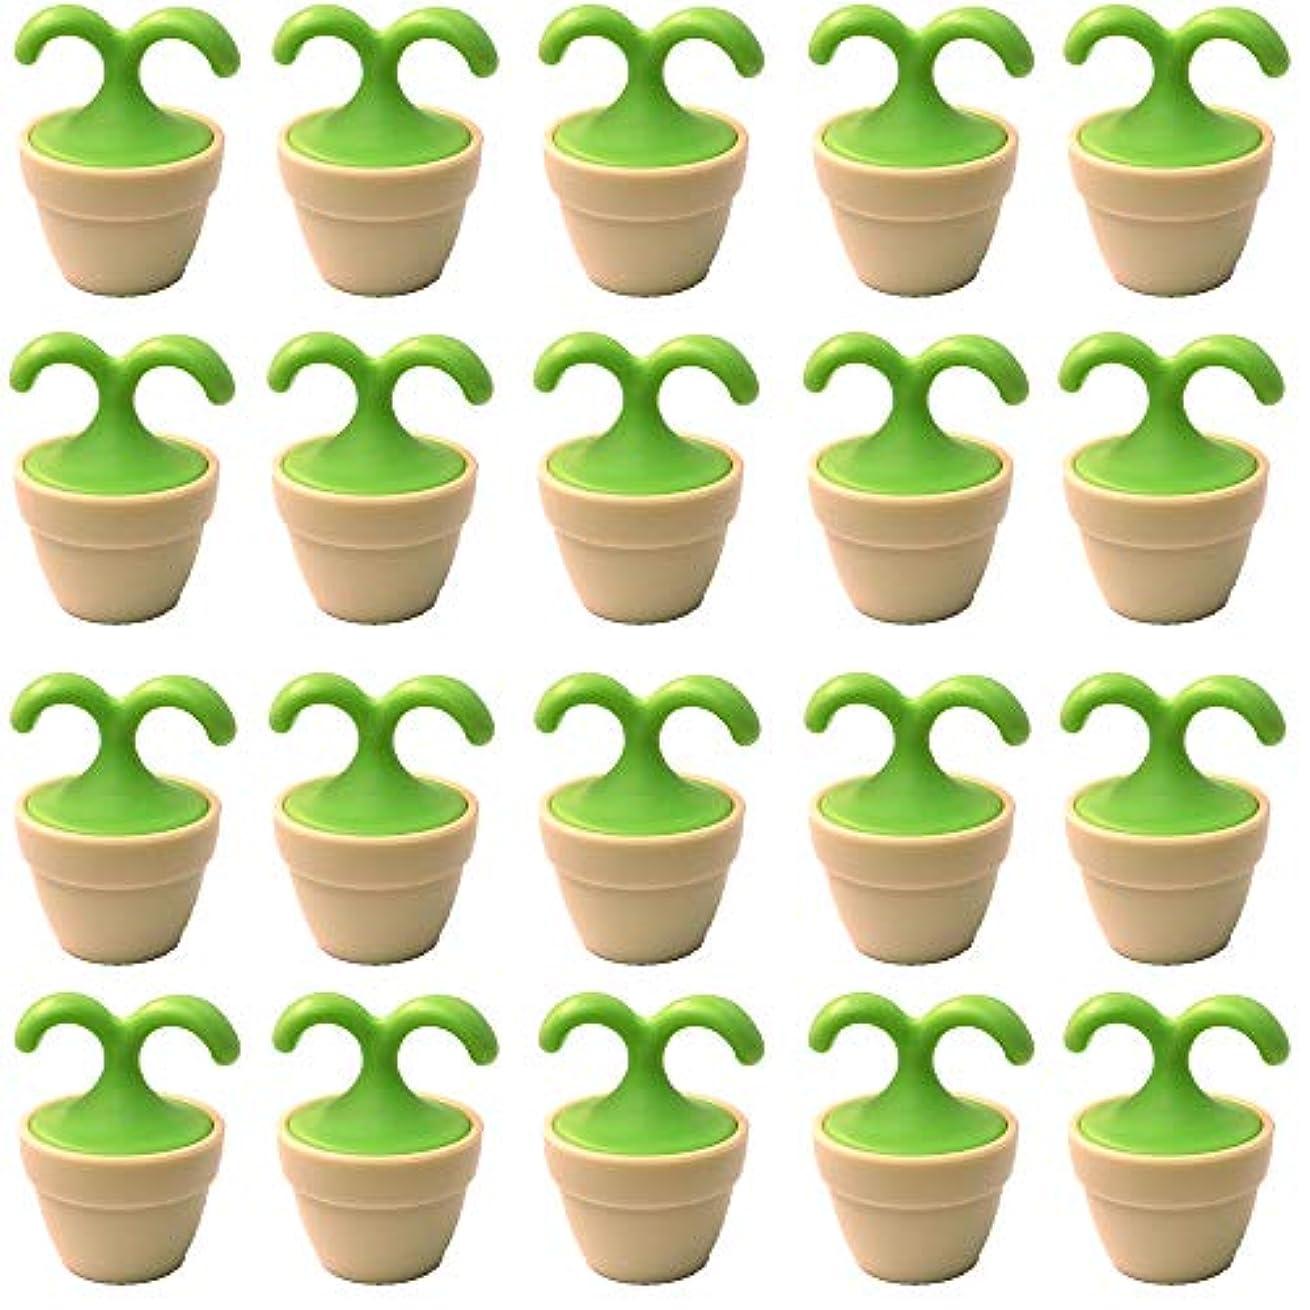 無視欠陥モデレータ植木鉢コロコロマッサージャー 20個入り 退職転勤お礼プチギフト 専用ボックス入りラッピング サンキューシール付き(20個入り)